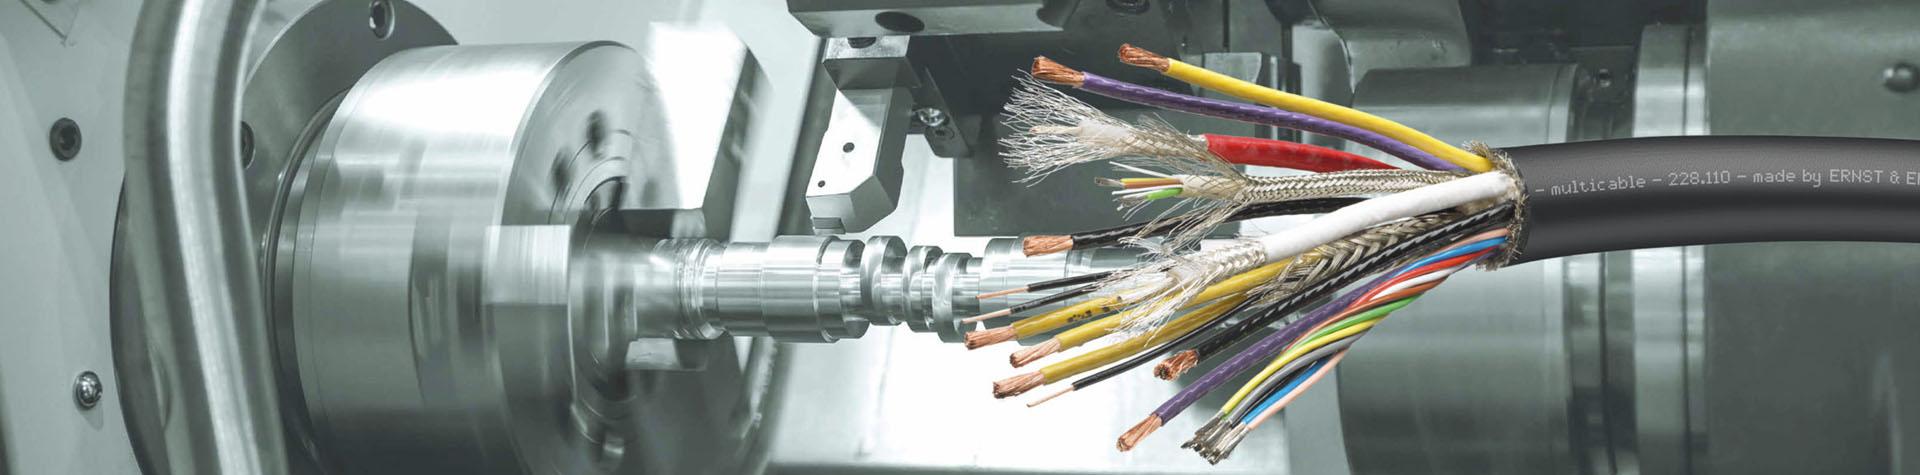 Abisoliertes Kabel schwarz vor Maschine